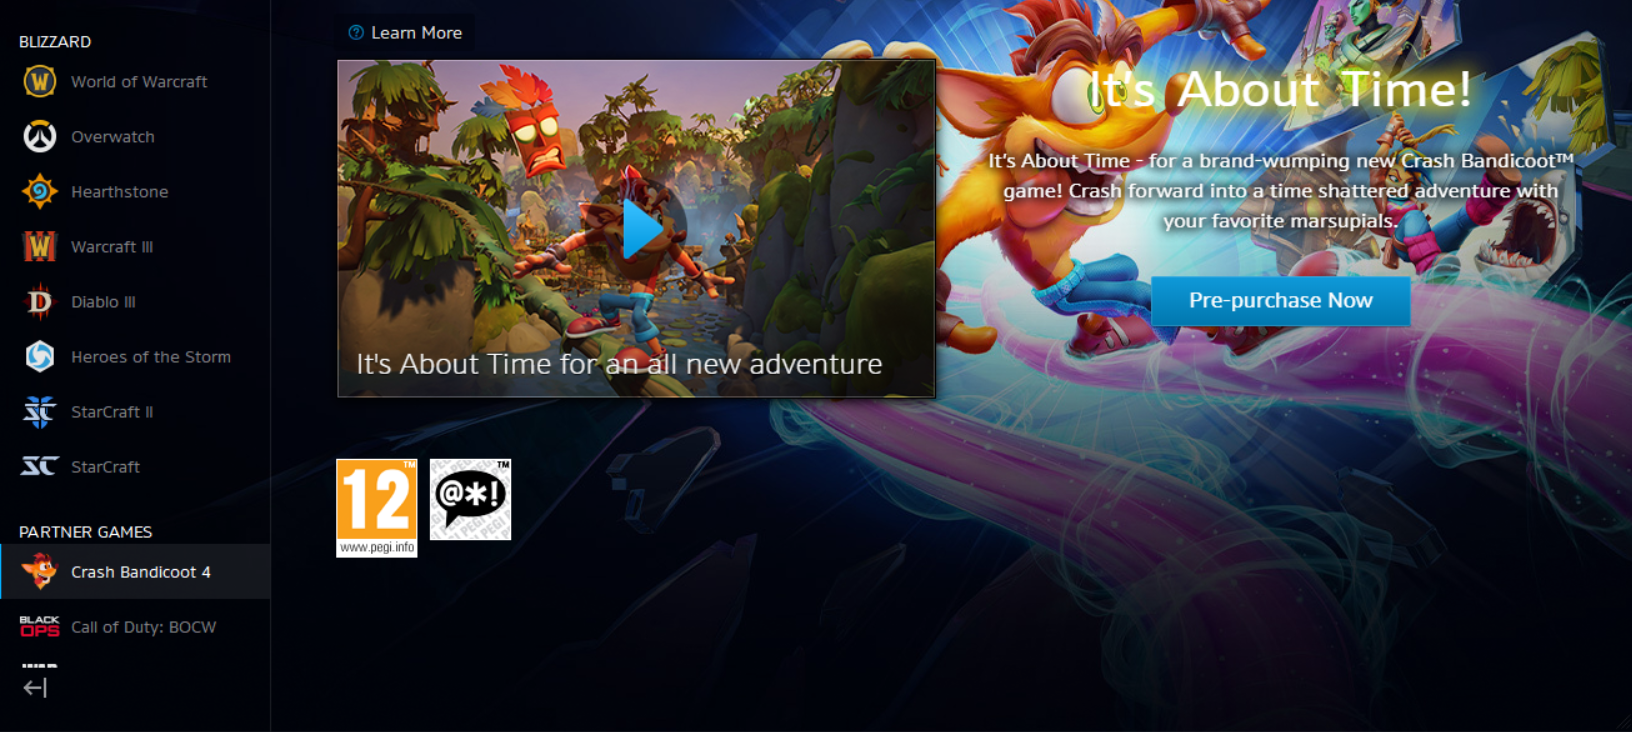 Crash Bandicoot pre PC (Battle.net)